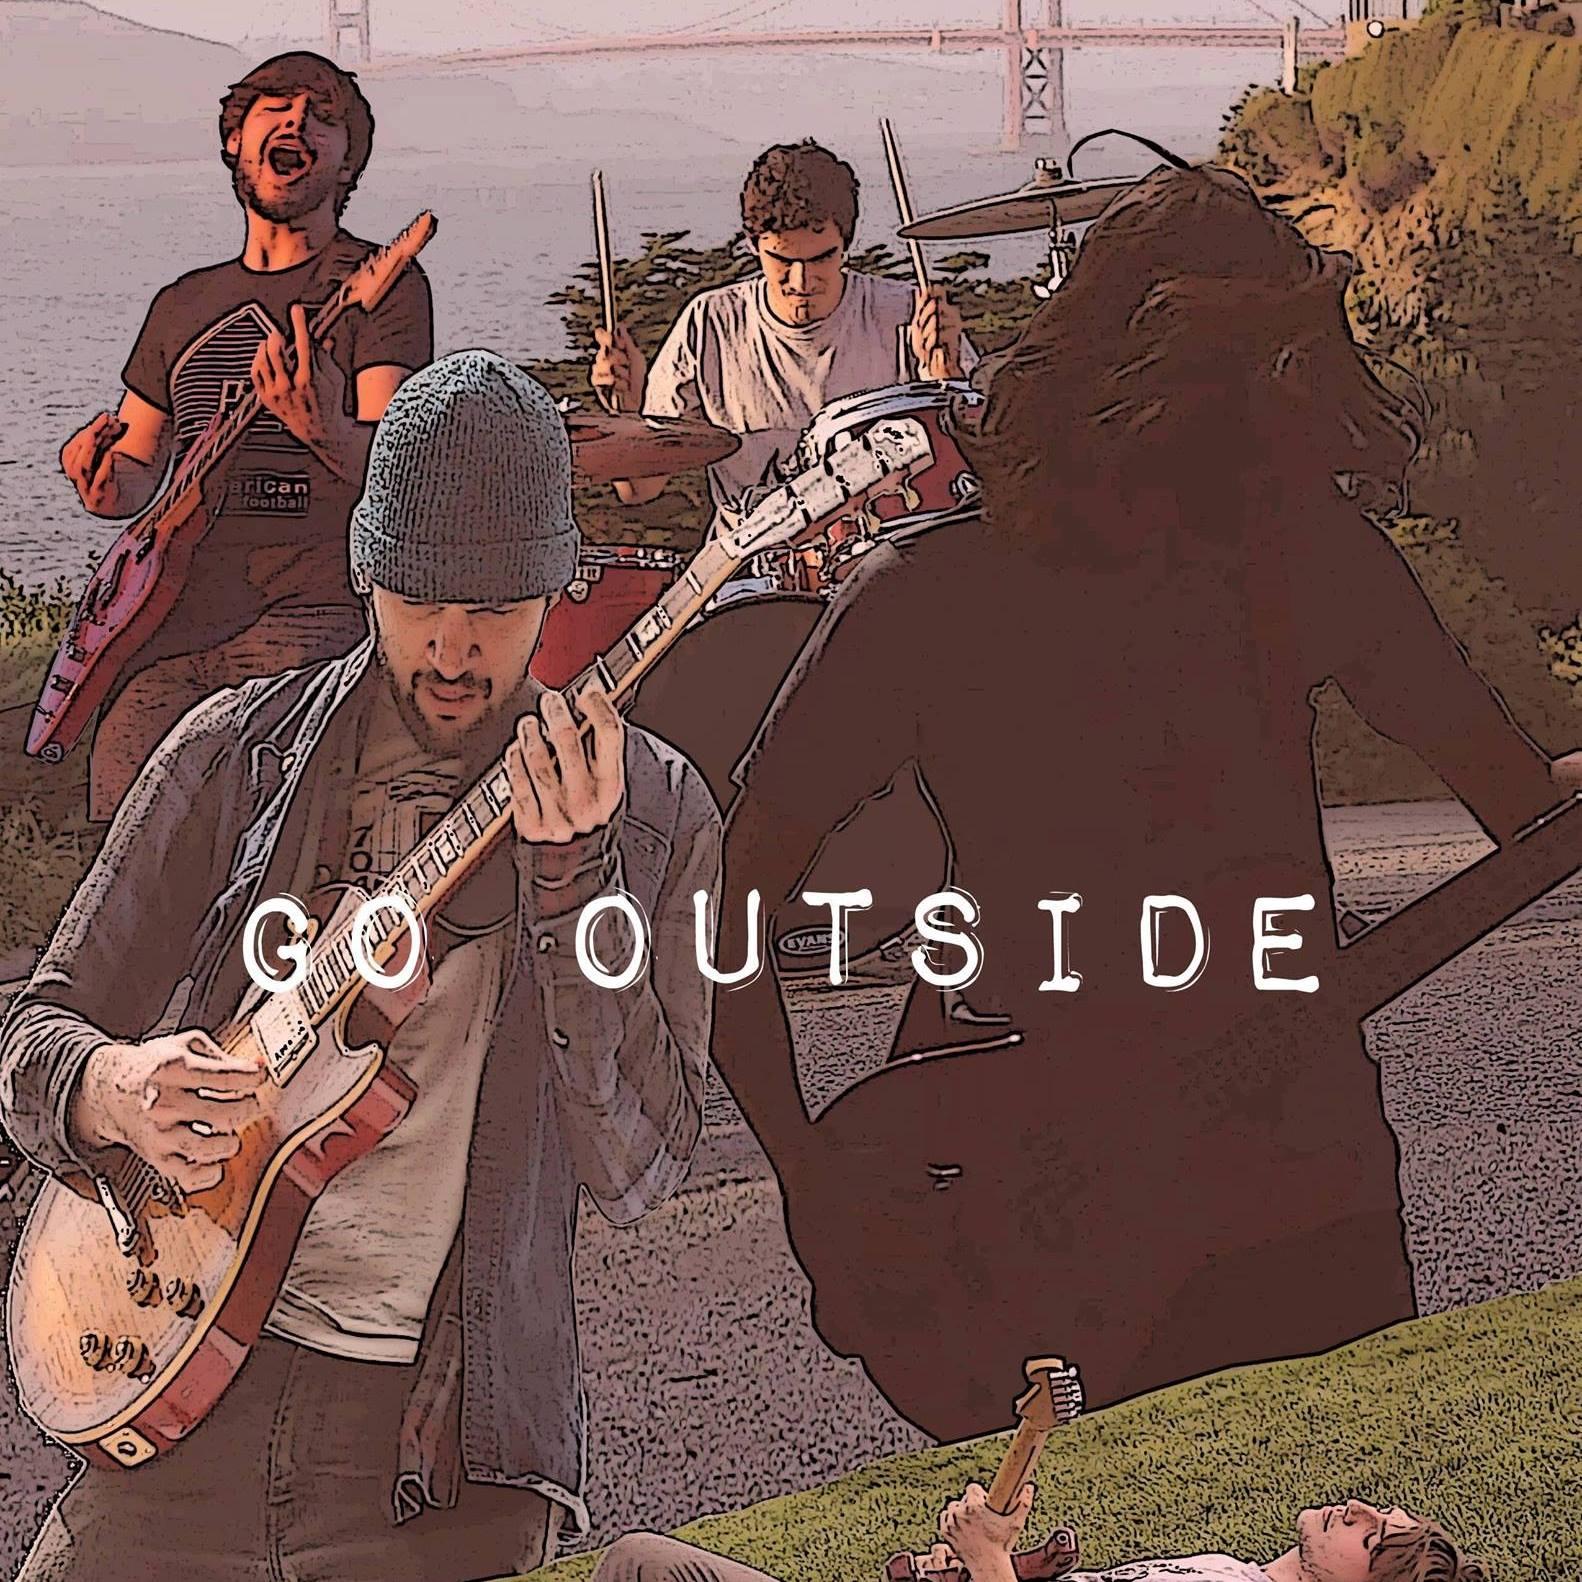 Go Outside pic